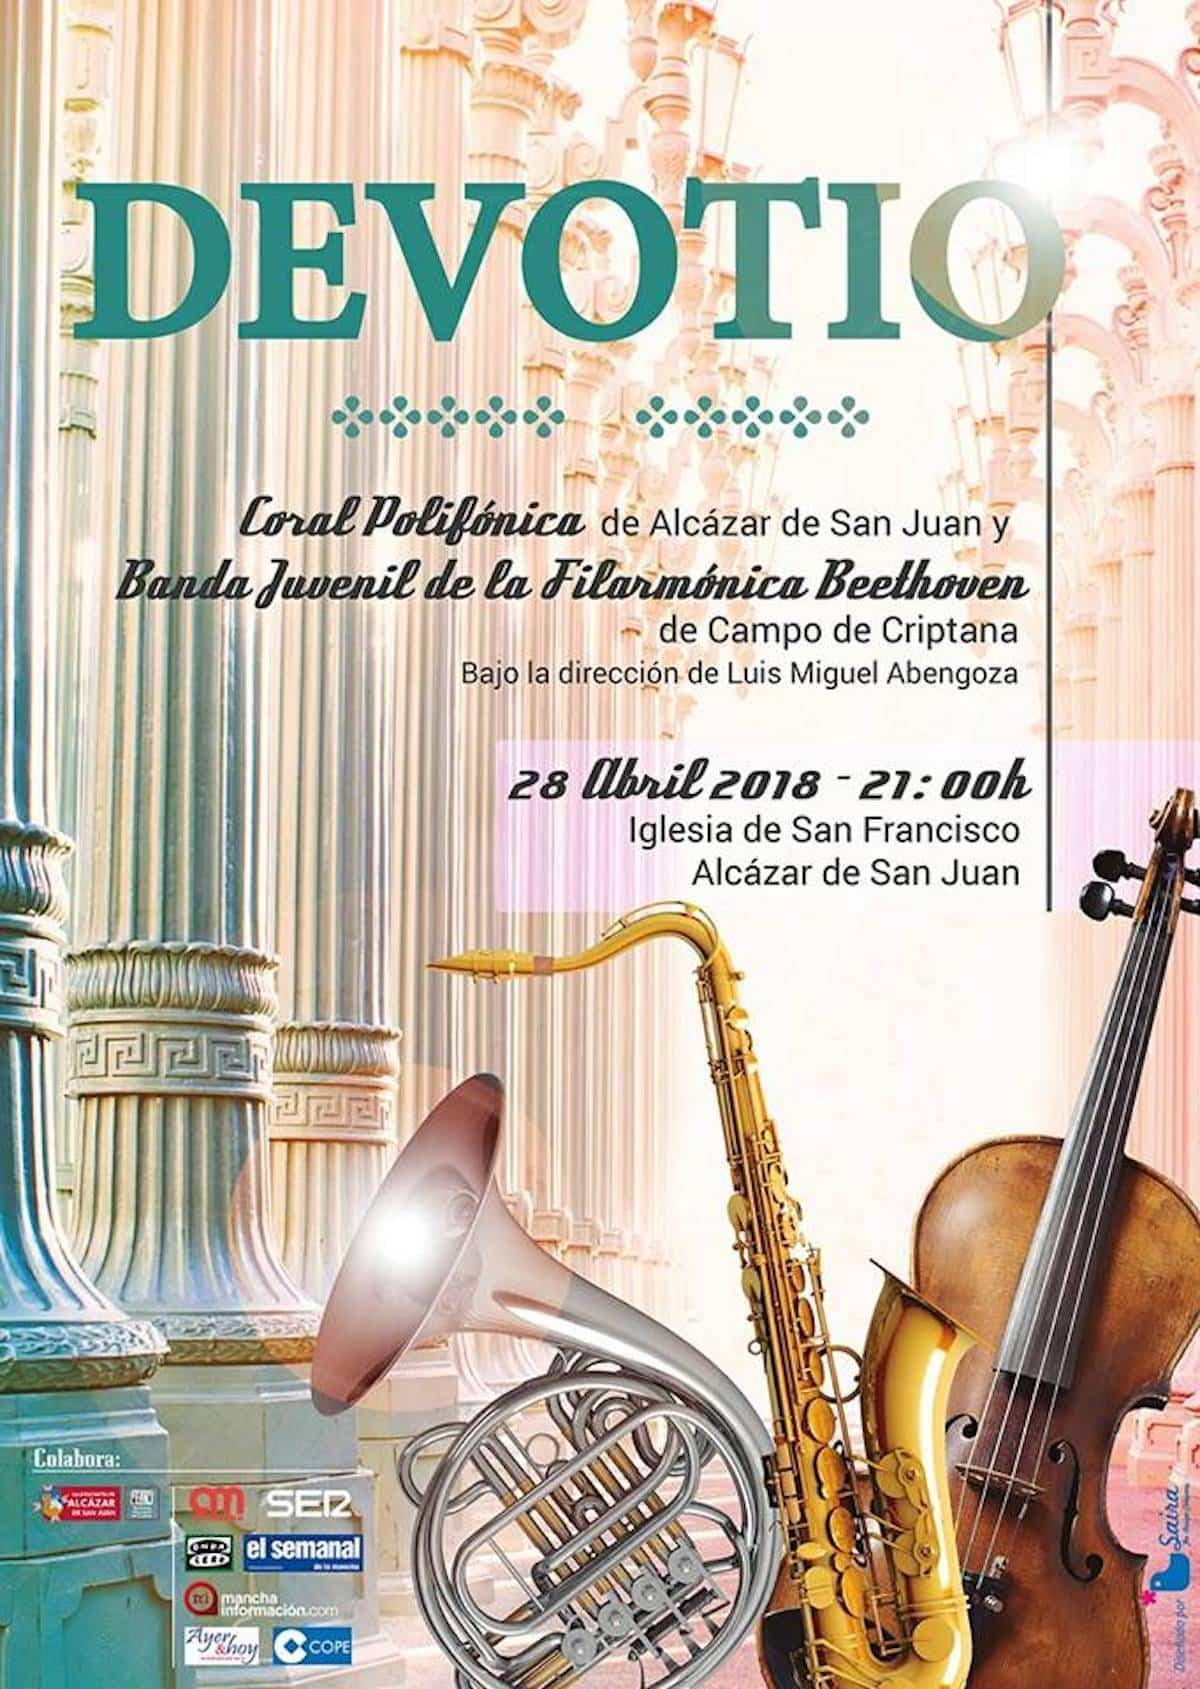 Concierto Devotio bajo la dirección del herenciano Luis Miguel Abengoza en Alcázar 3